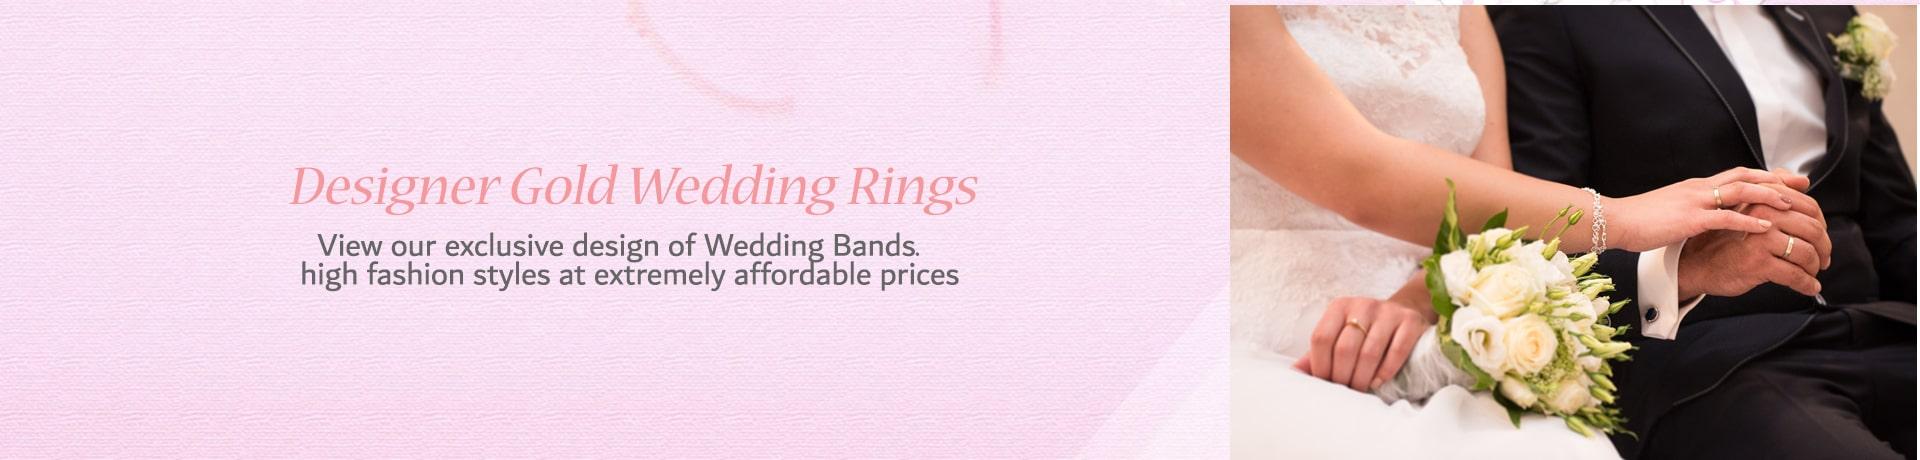 Designer Gold Wedding Bands-Category